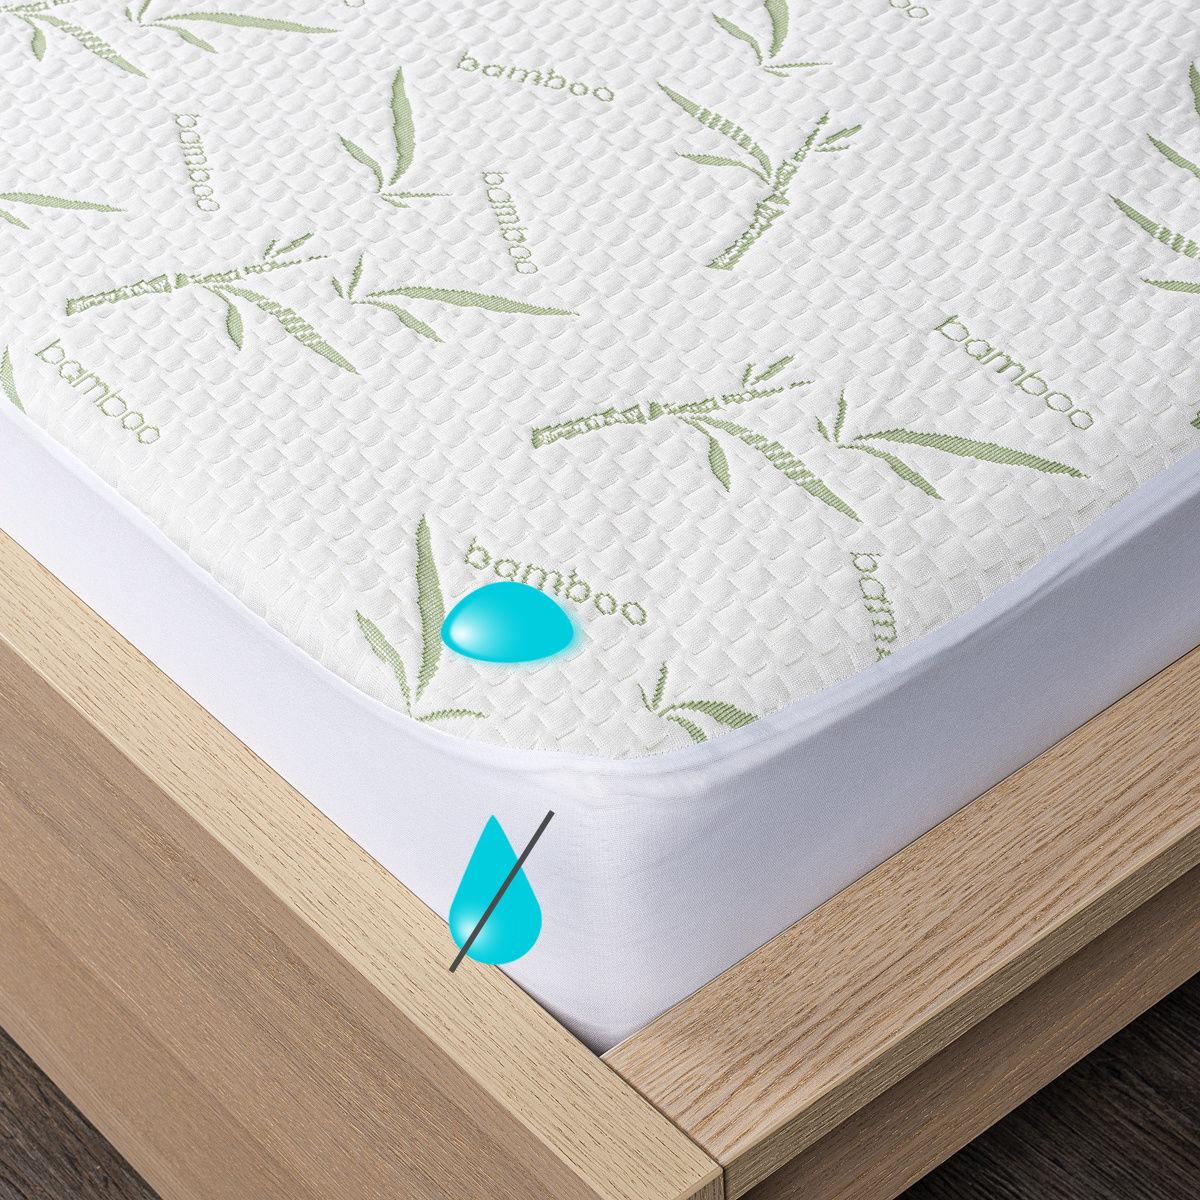 4Home Bamboo wodoodporny ochraniacz na materac z lamówką, 140 x 200 cm + 30 cm, 140 x 200 cm